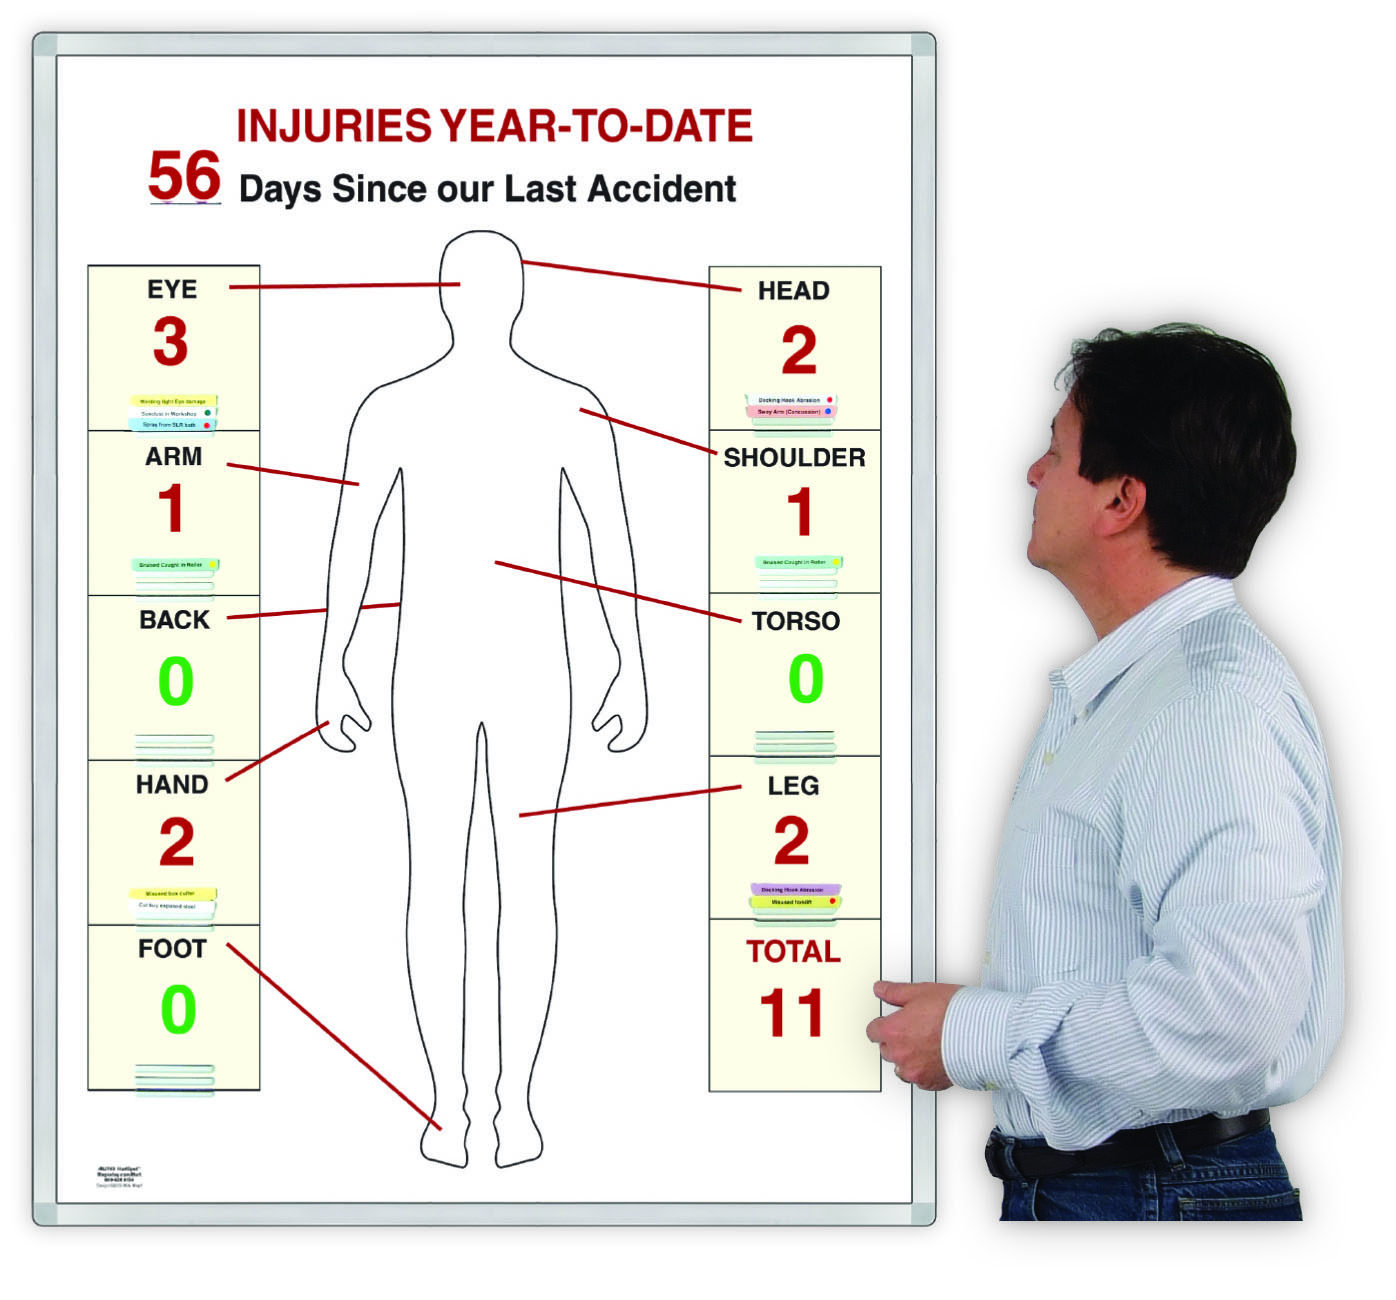 skin assessment diagram rebuild tecumseh carburetor body diagrams for charting injury pressure point